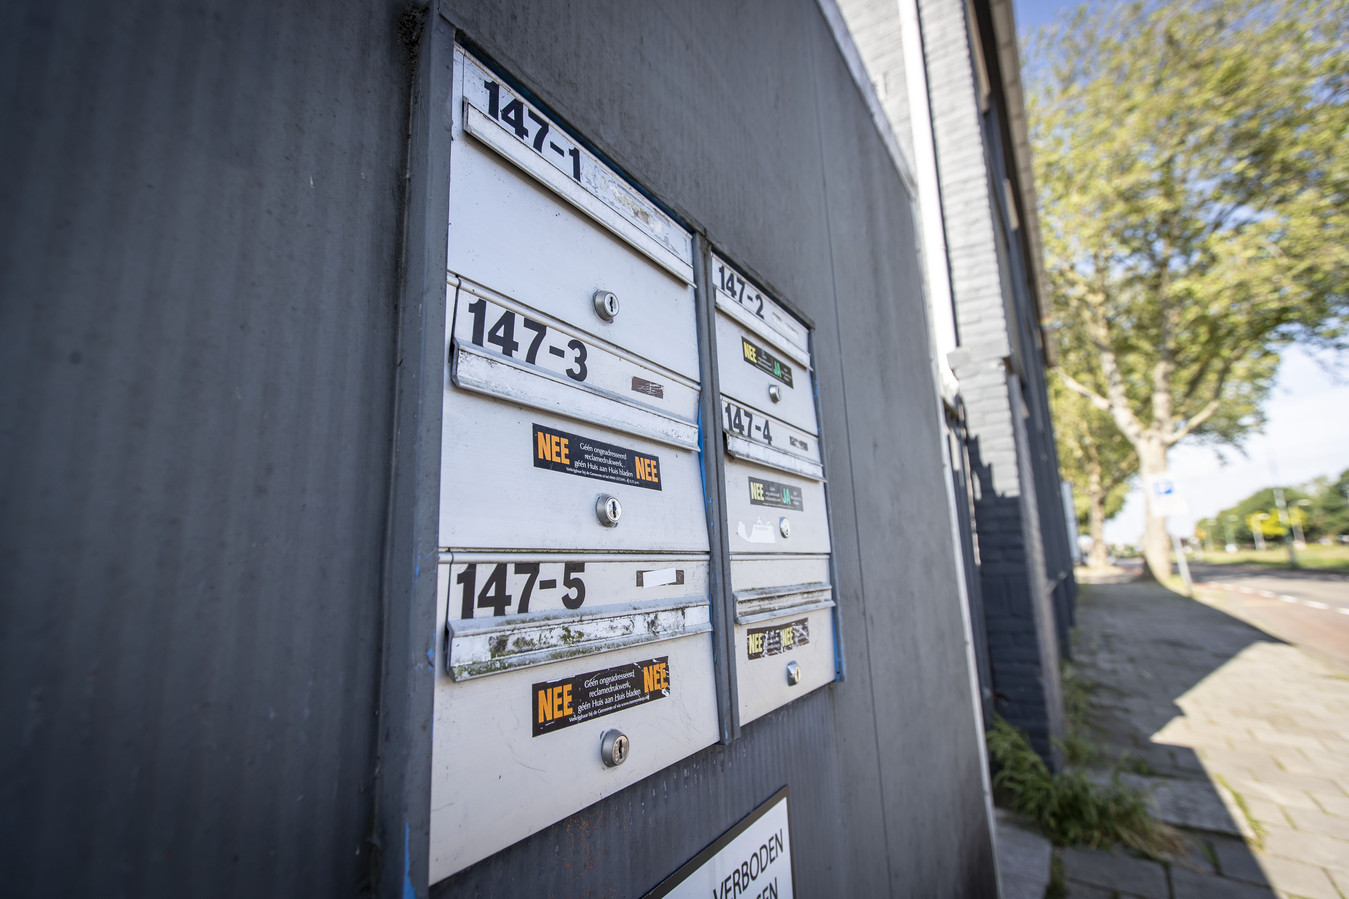 Soms hangen er bij sommige panden in Almelo opeens meerdere brievenbussen aan de gevel, wat kan wijzen op kamerverhuur.